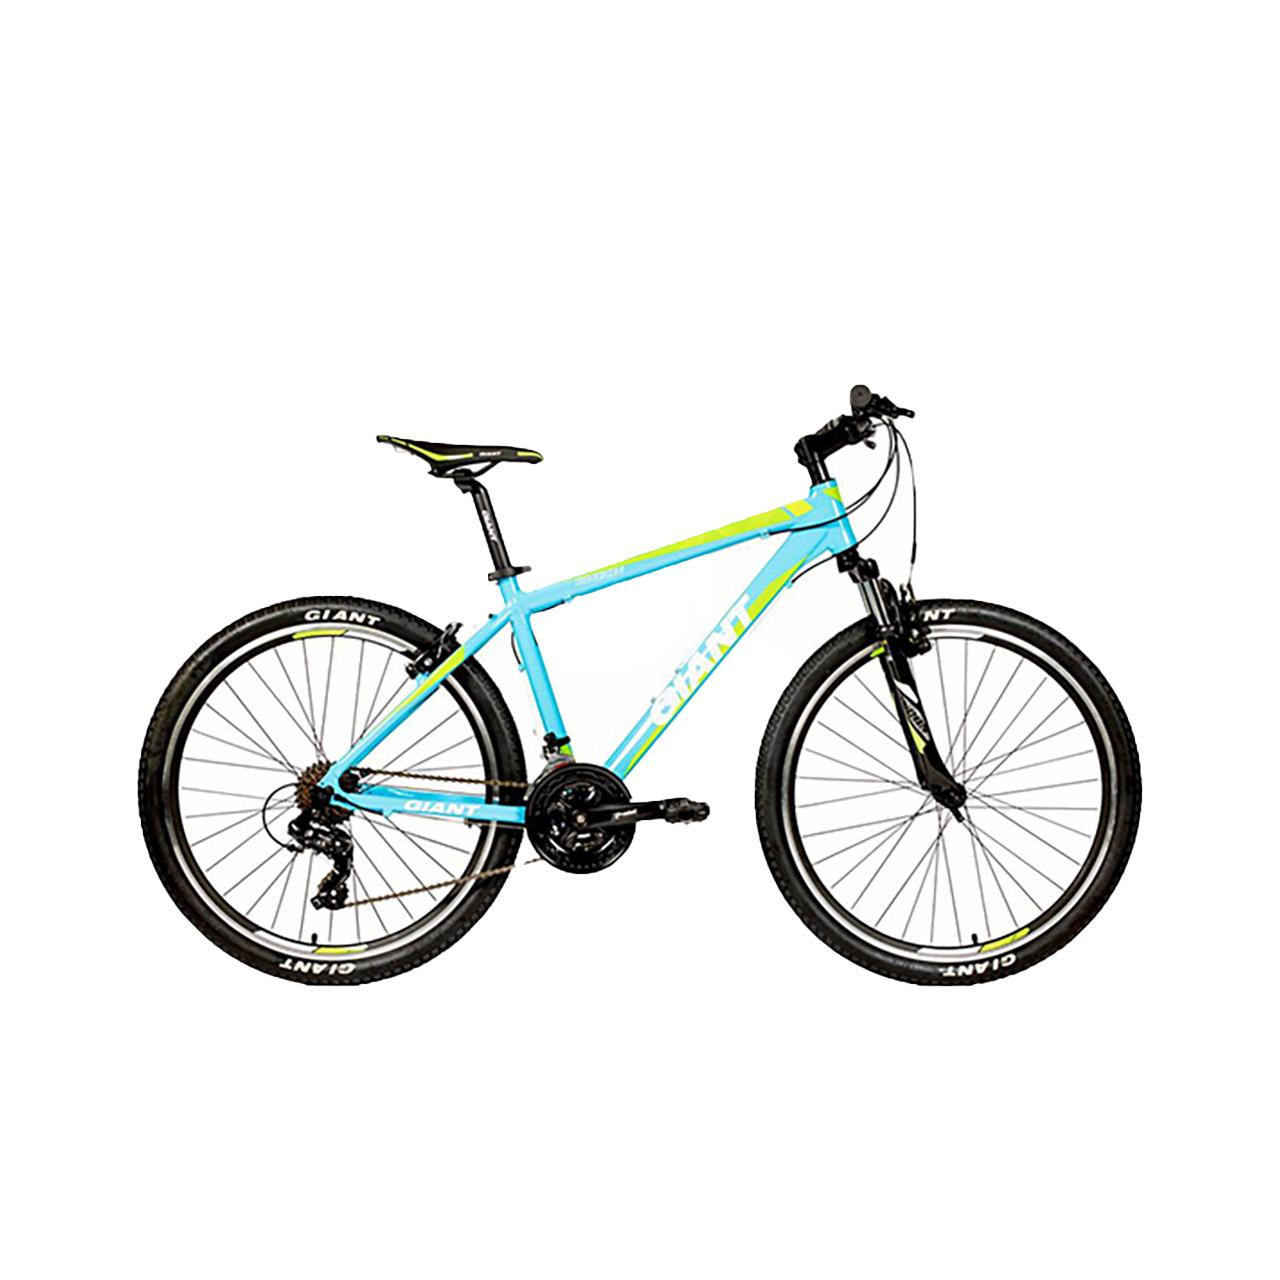 خرید                     دوچرخه کوهستان جاینت مدل Rincon سایز 26